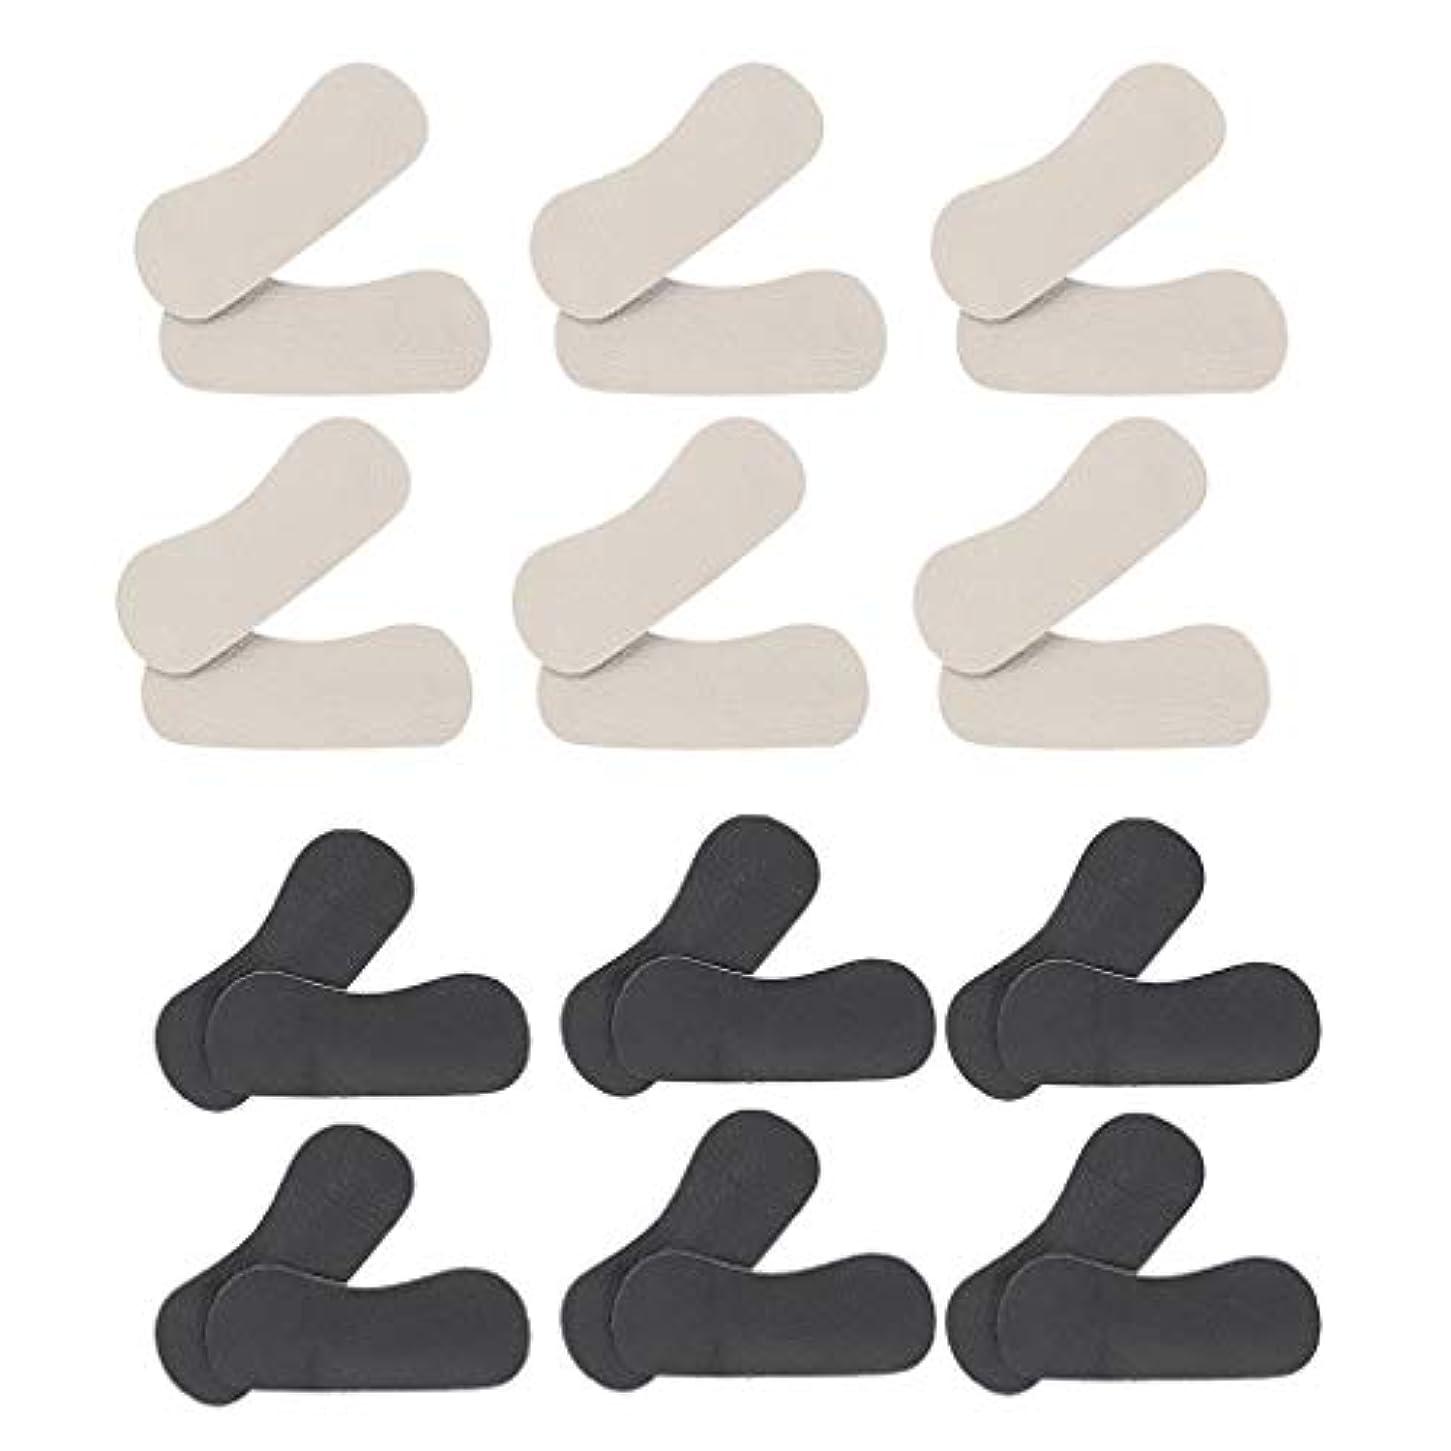 効率的正義買い物に行くdailymall 靴擦れ防止 かかと パッドクッション かかとパッド フットケア プロテクター 滑り止め